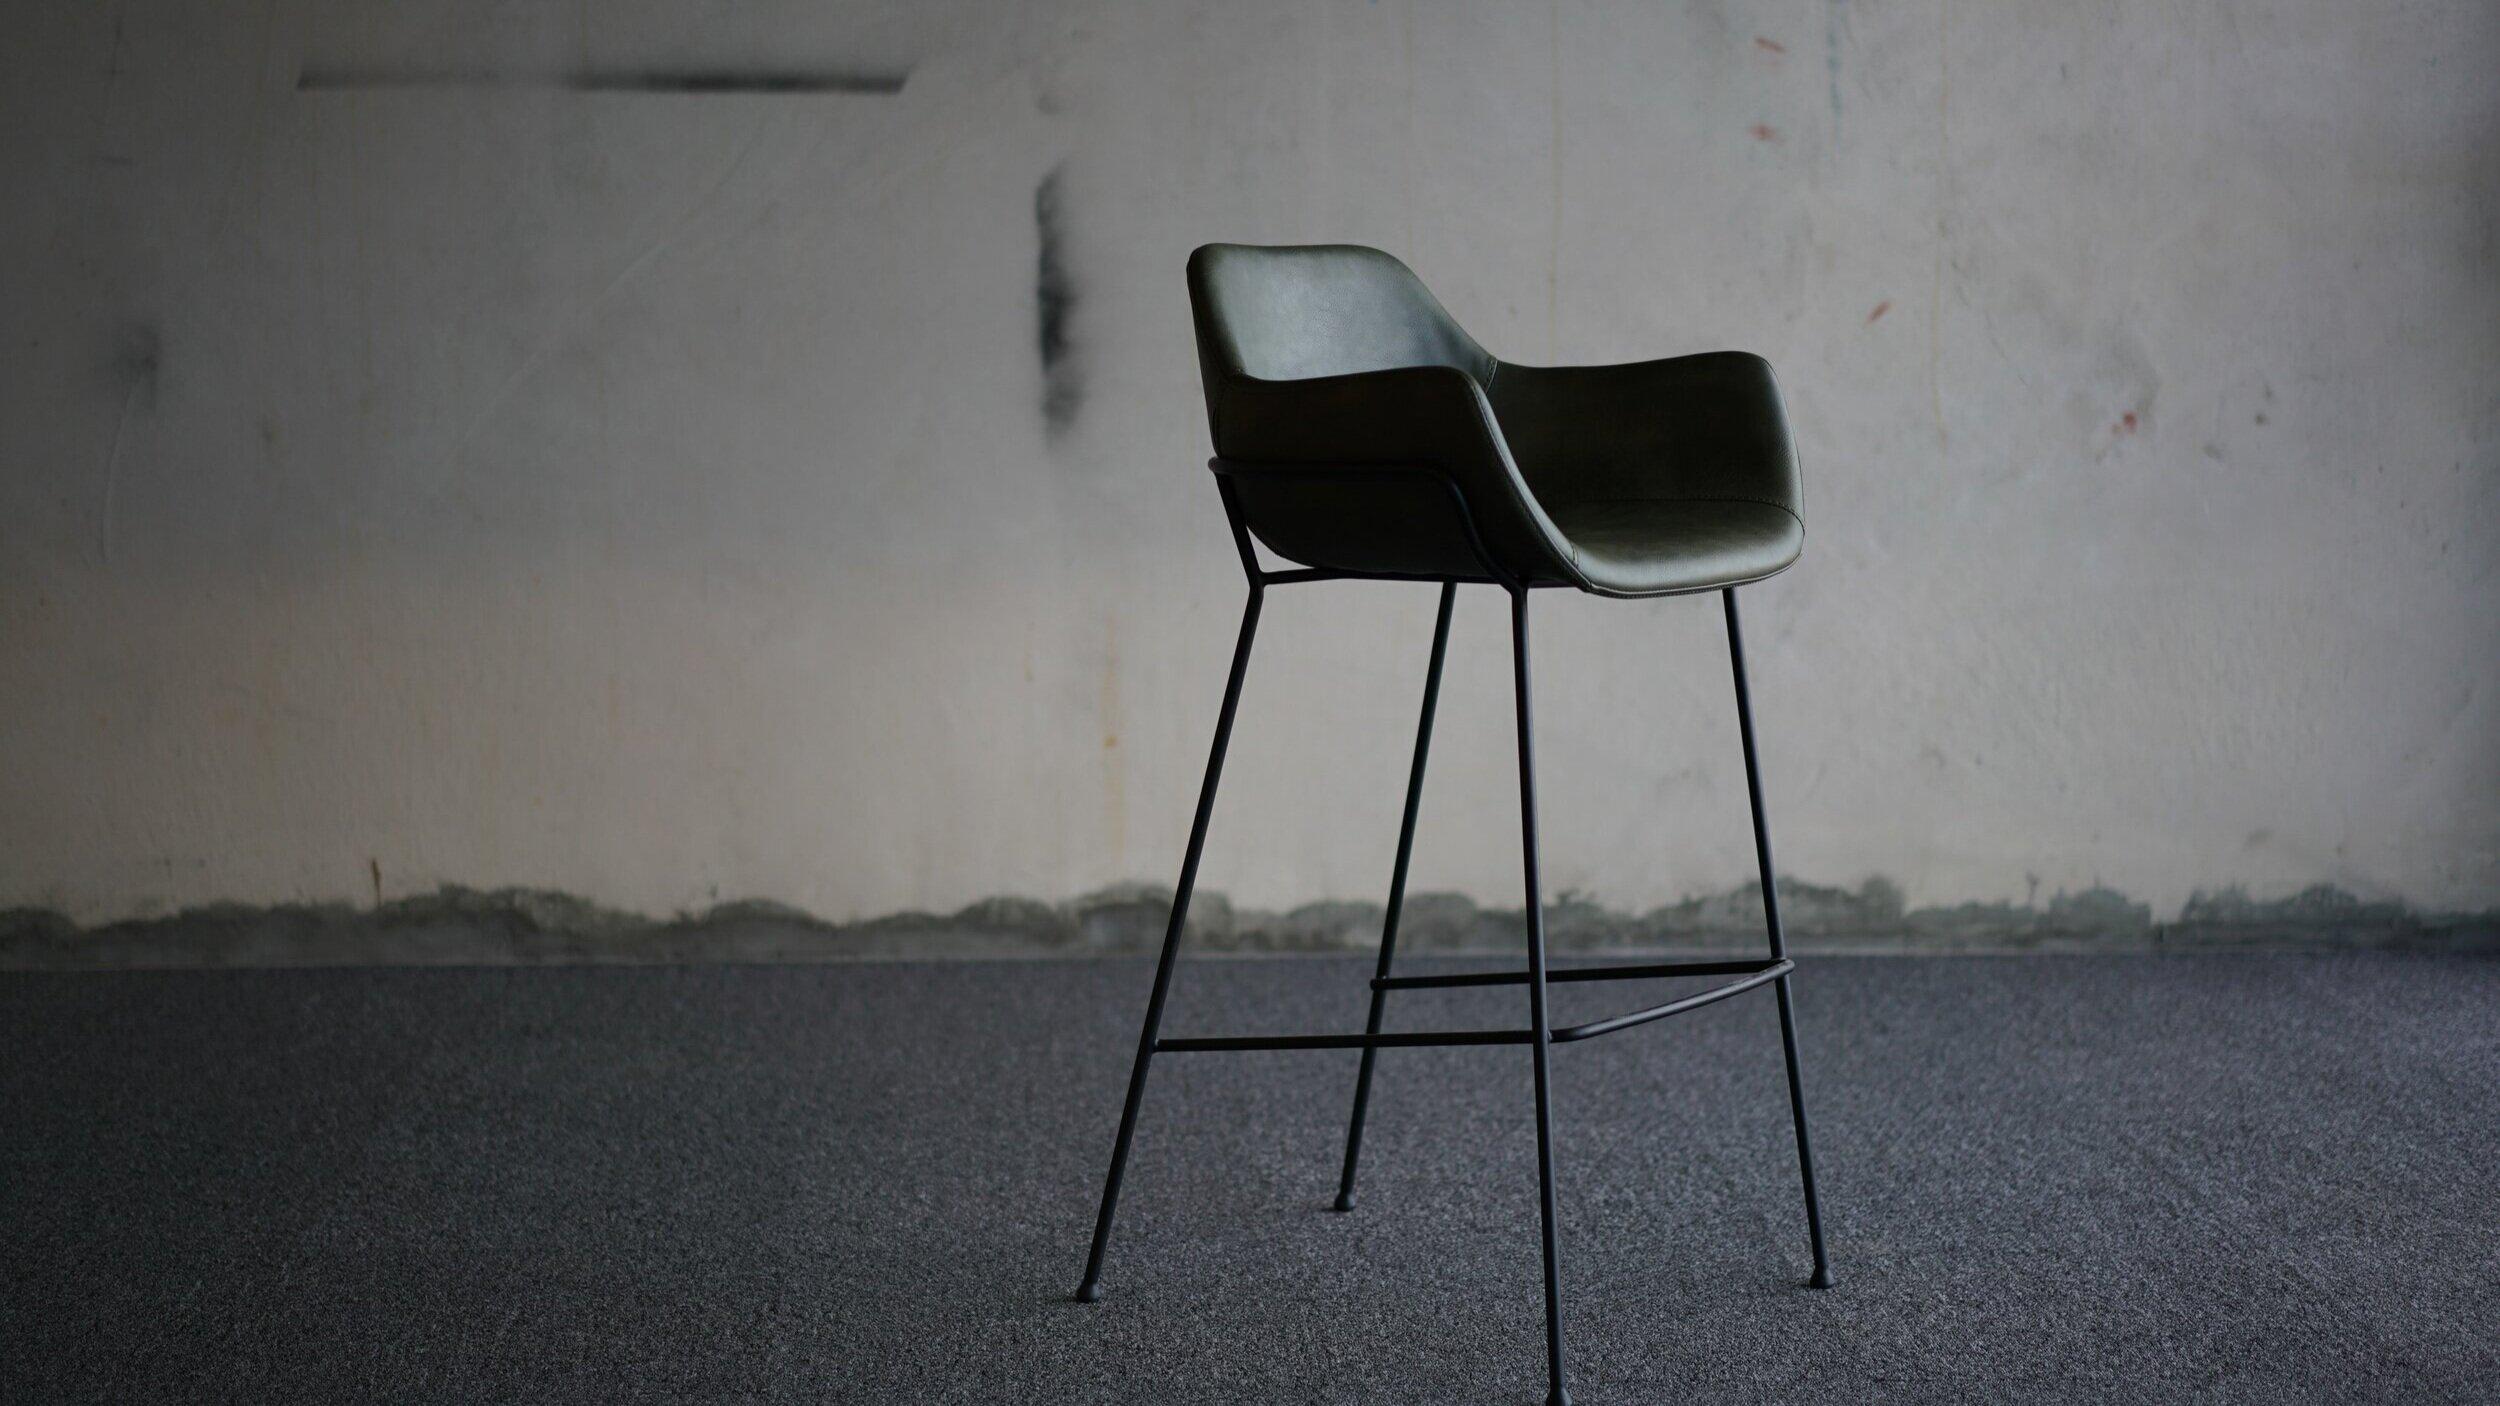 vorsen-furniture-uKFEQfBZonc-unsplash.jpg